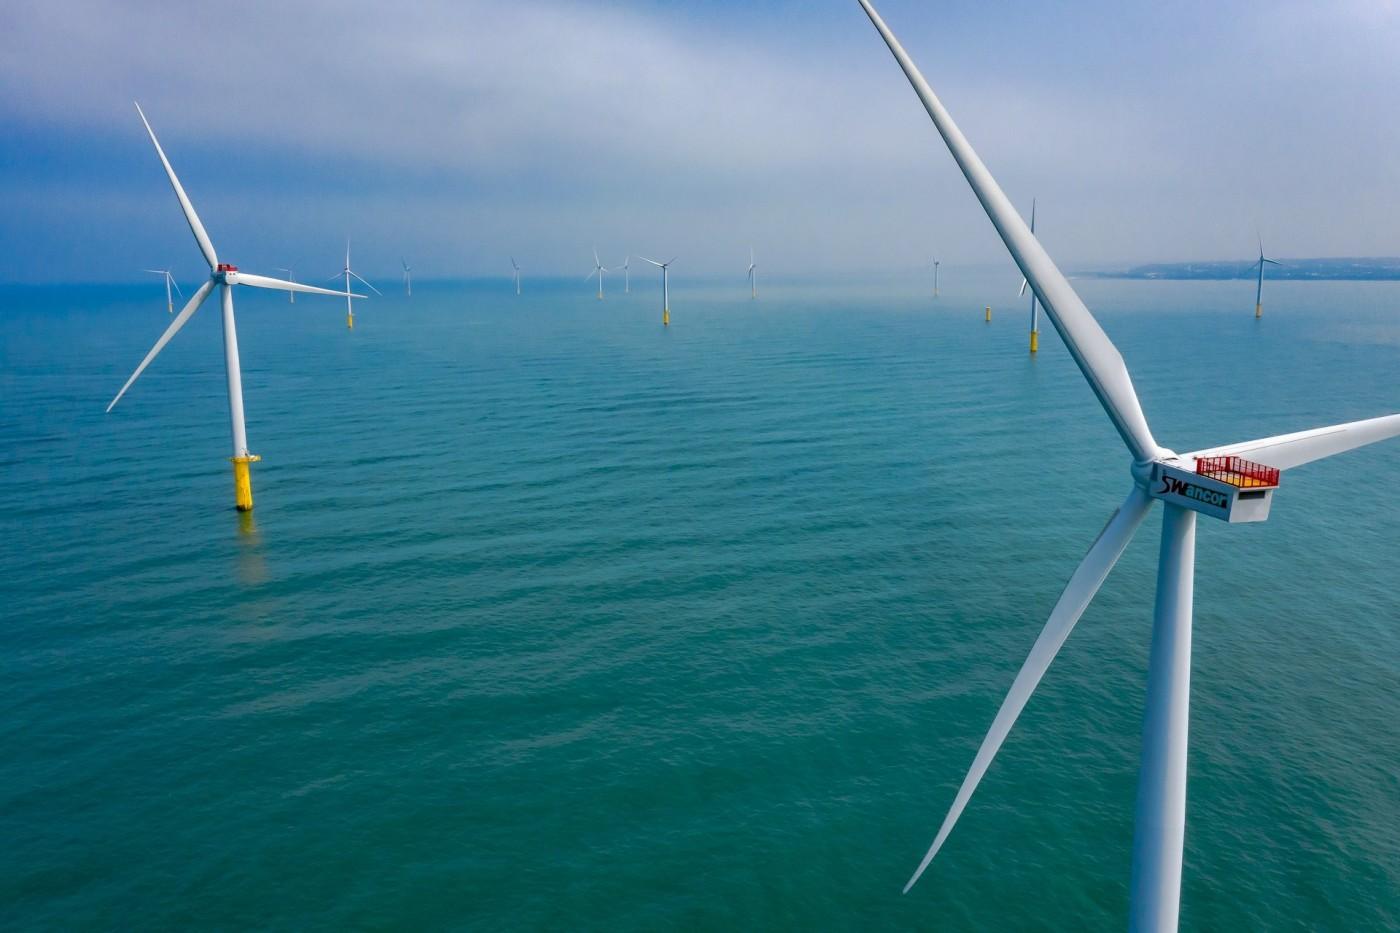 新材料事業年增508%!上緯搶搭風機大型化趨勢,押寶明日之星碳纖維